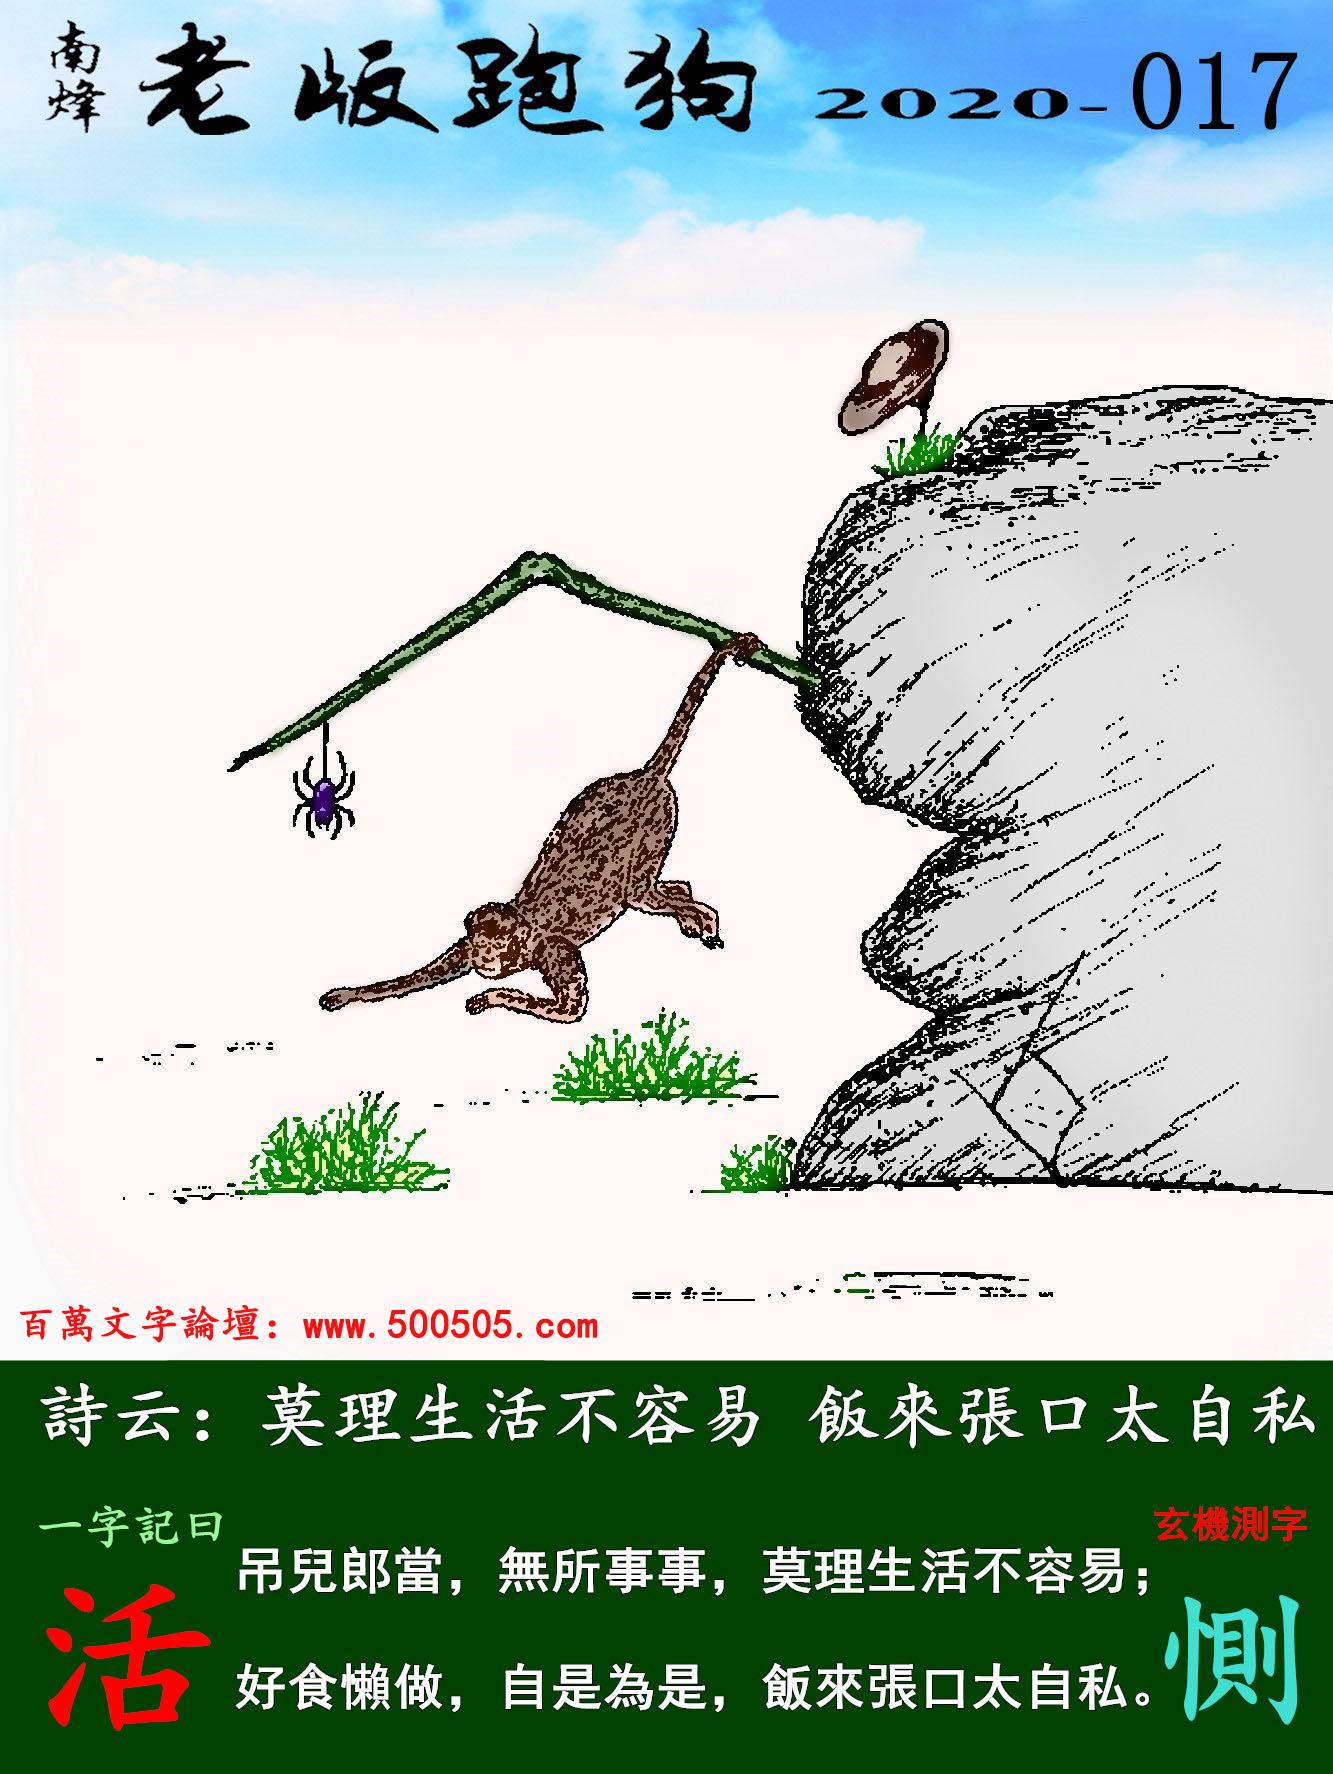 017期老版跑狗一字�之曰:【活】 ��:莫理生活不容易,����口太自私。